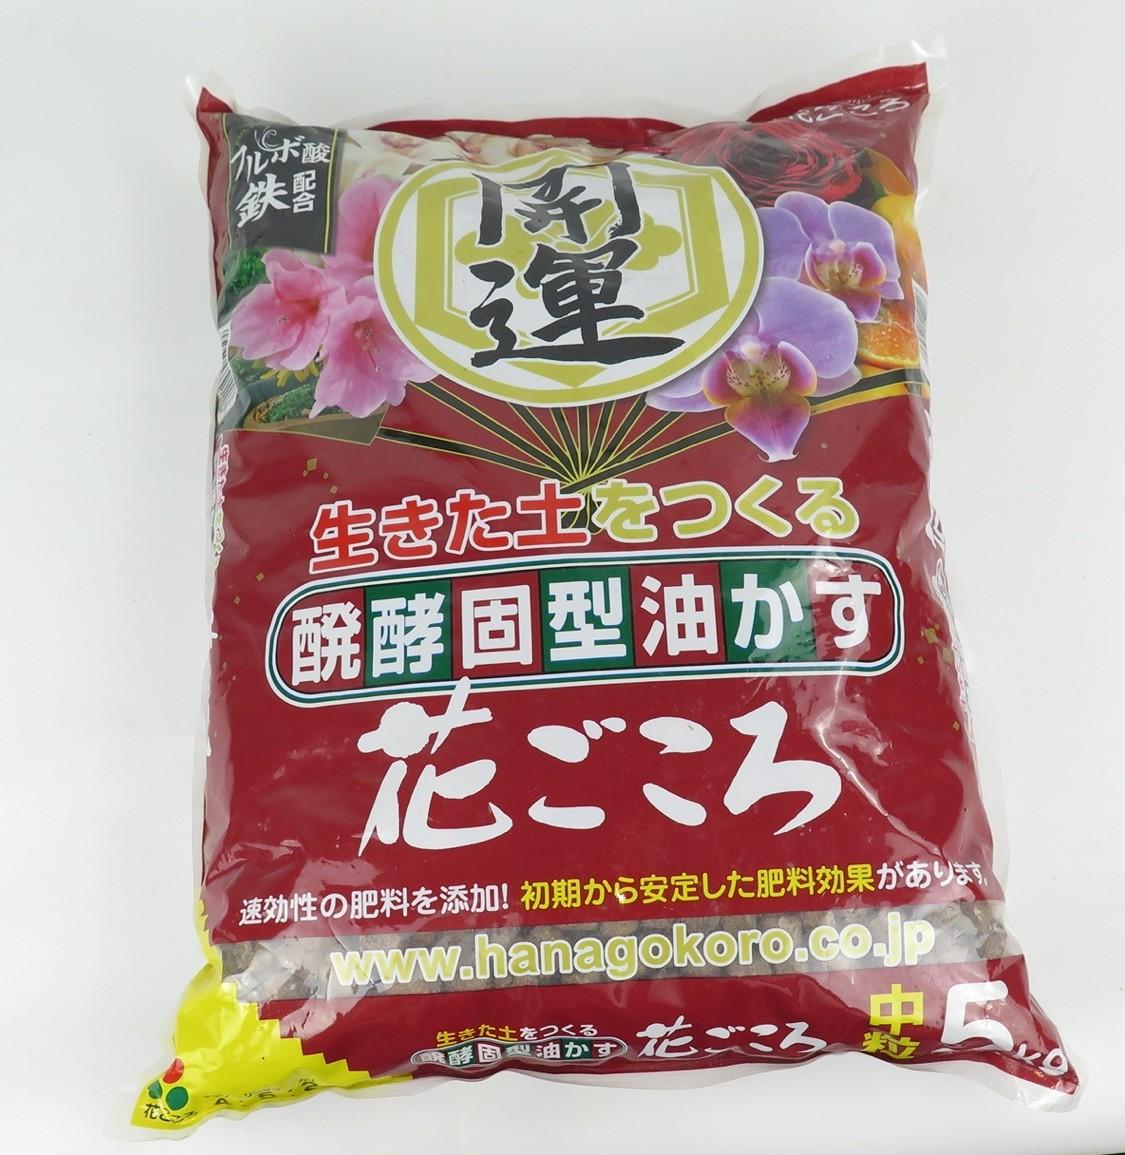 Abono Anagokoro 5 Kg.